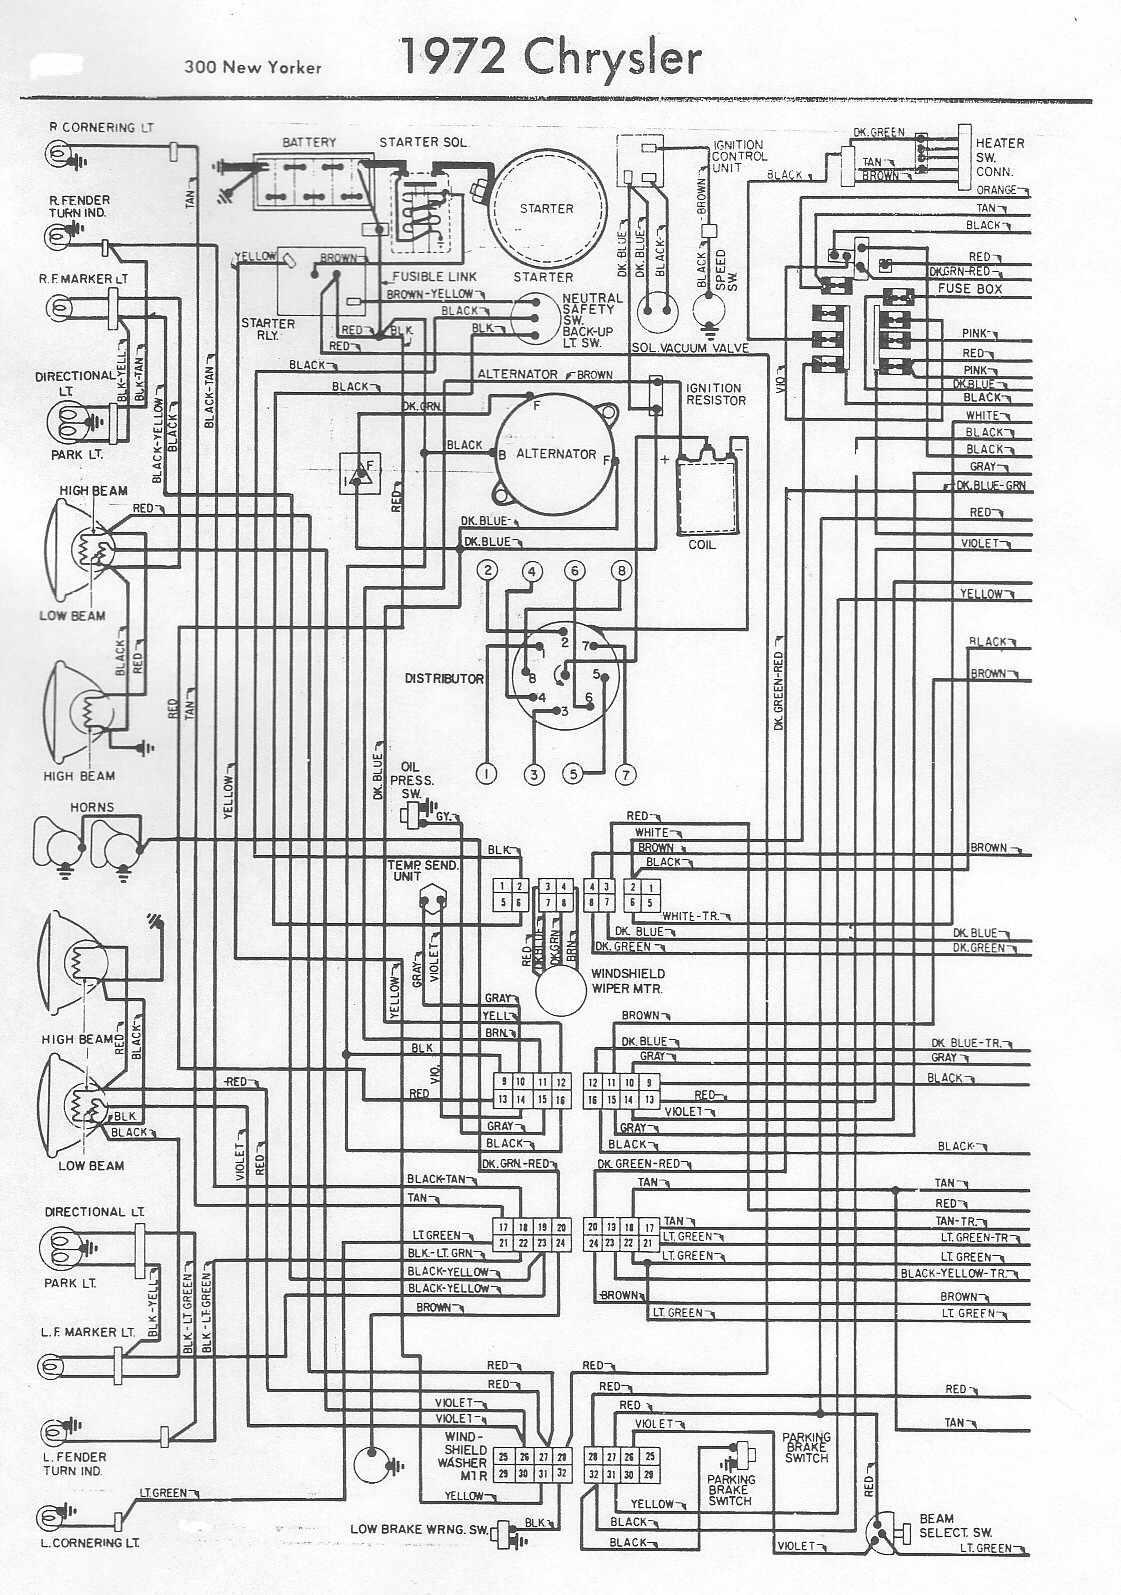 1979 cadillac eldorado wiring diagrams wiring diagram new cadillac eldorado wiring harness get free image about free download [ 1121 x 1595 Pixel ]